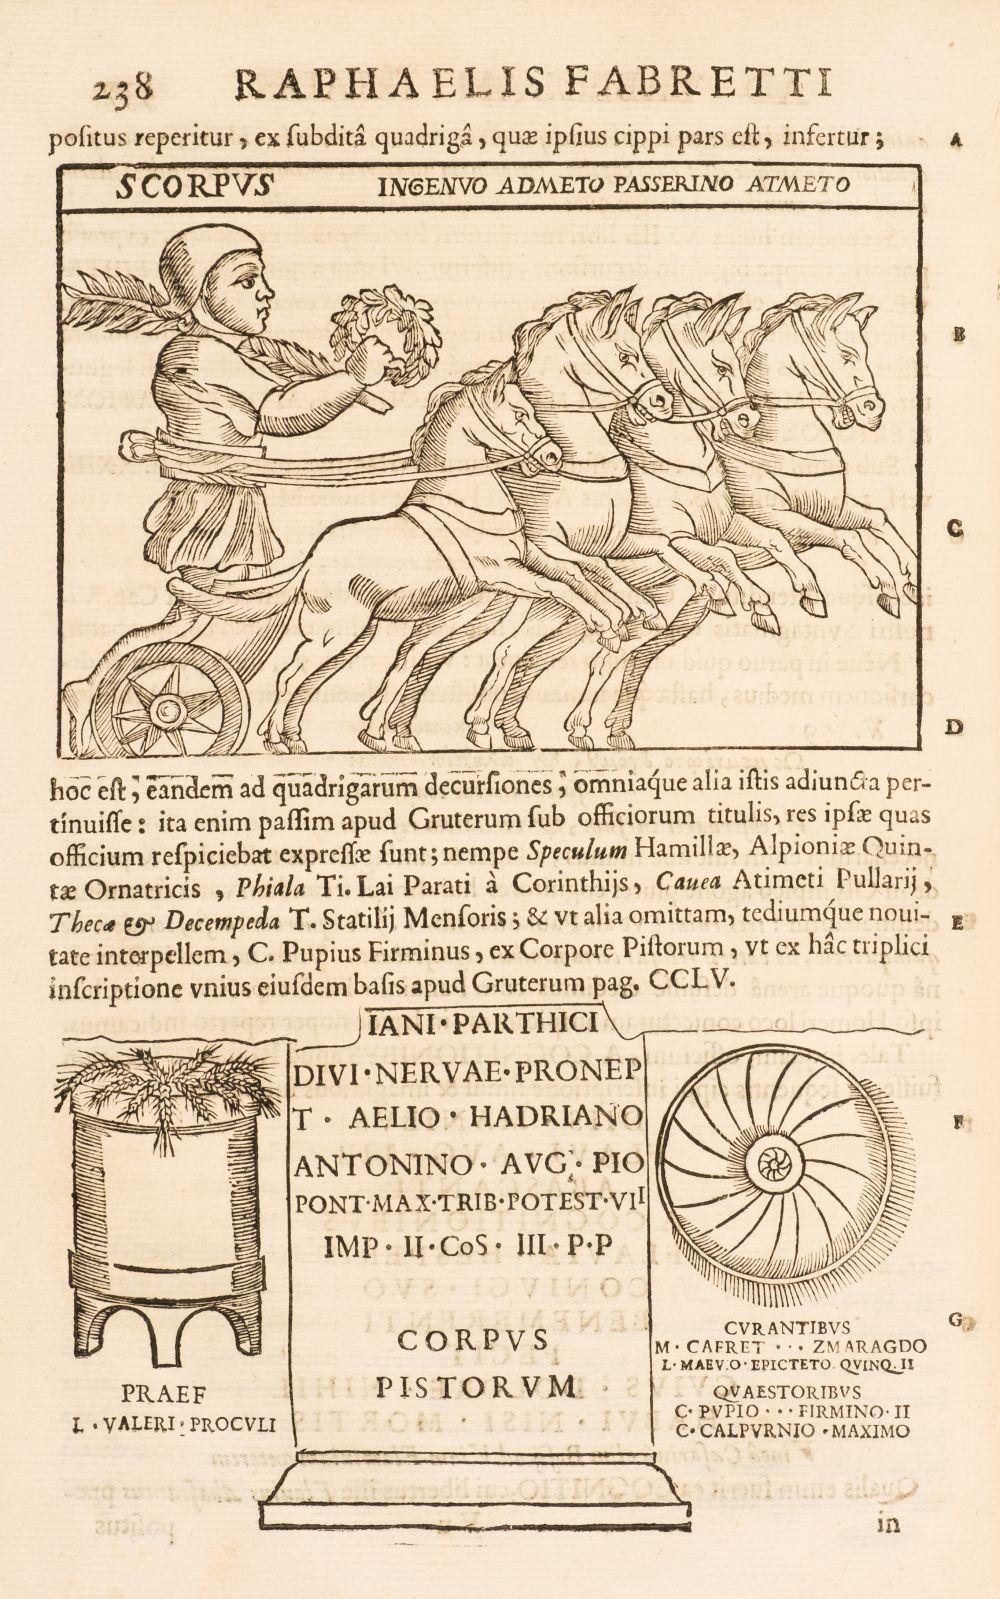 Fabretti (Raffaele). De Columna Traiani Syntagma, Rome, 1690